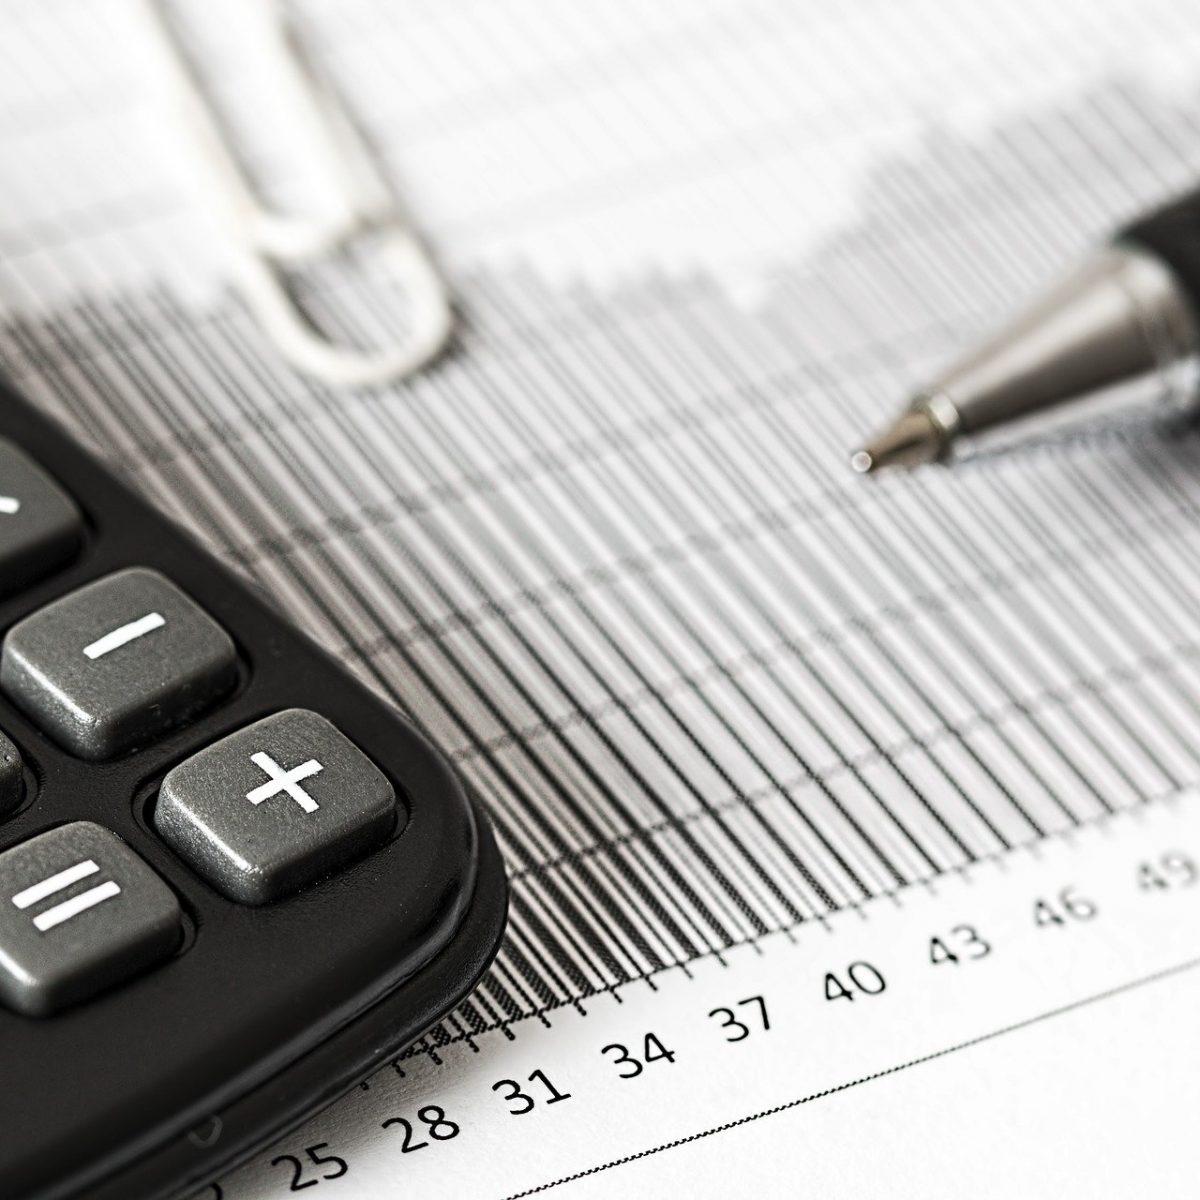 IMAGEM: Banco Central prevê 'retomada robusta' da economia no 2º semestre